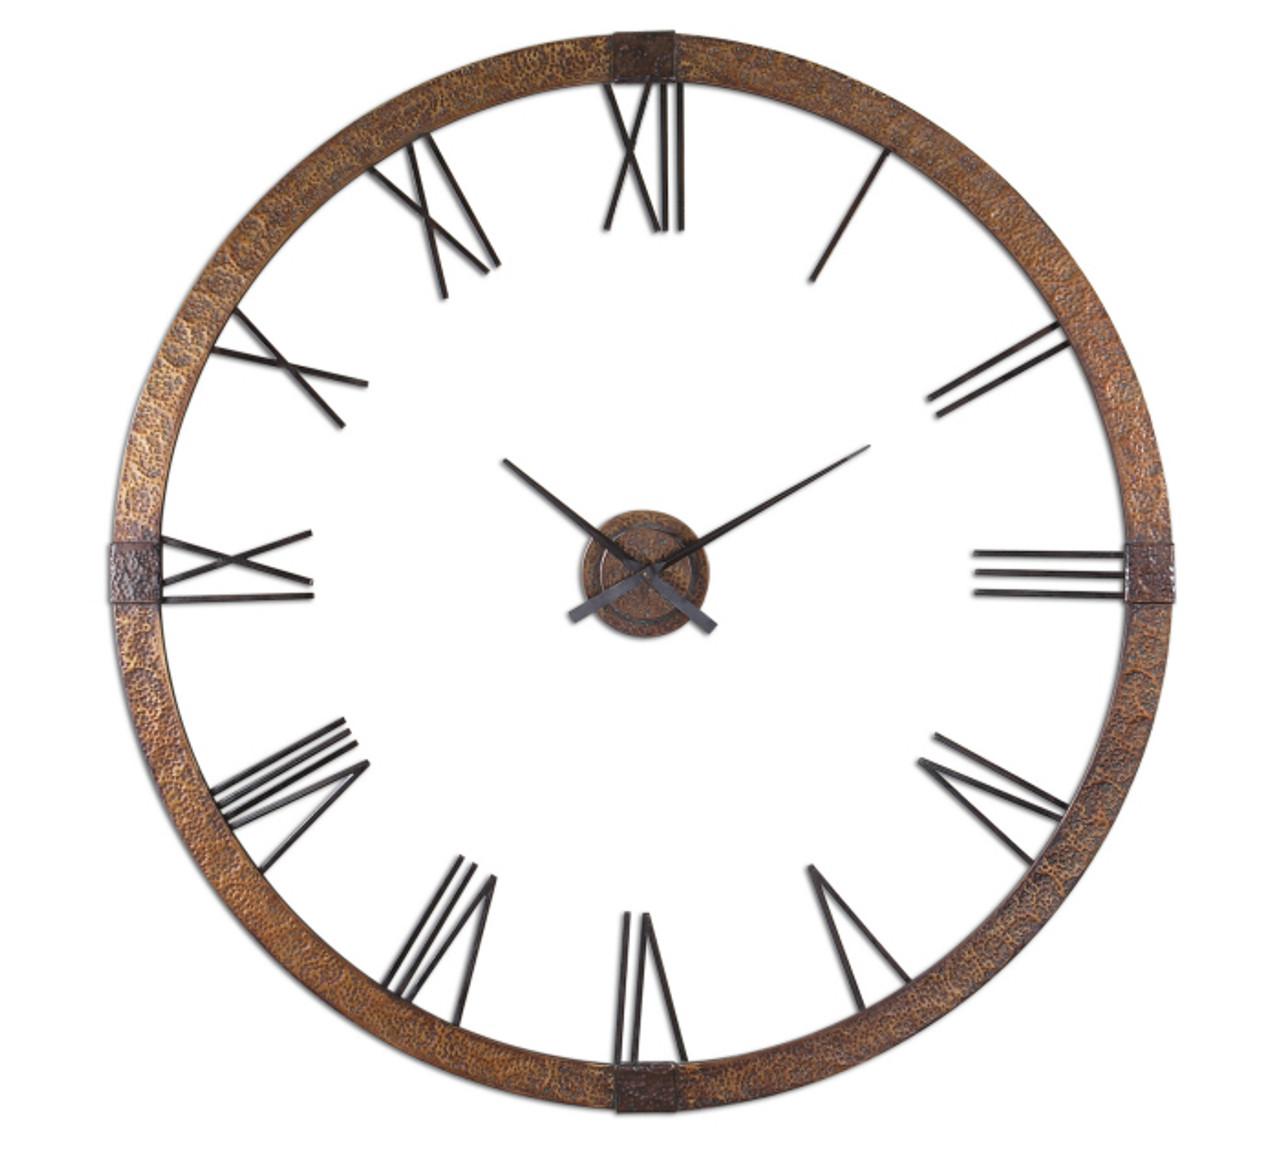 Amarion Rustic Metal Oversized Wall Clock 60 Zin Home